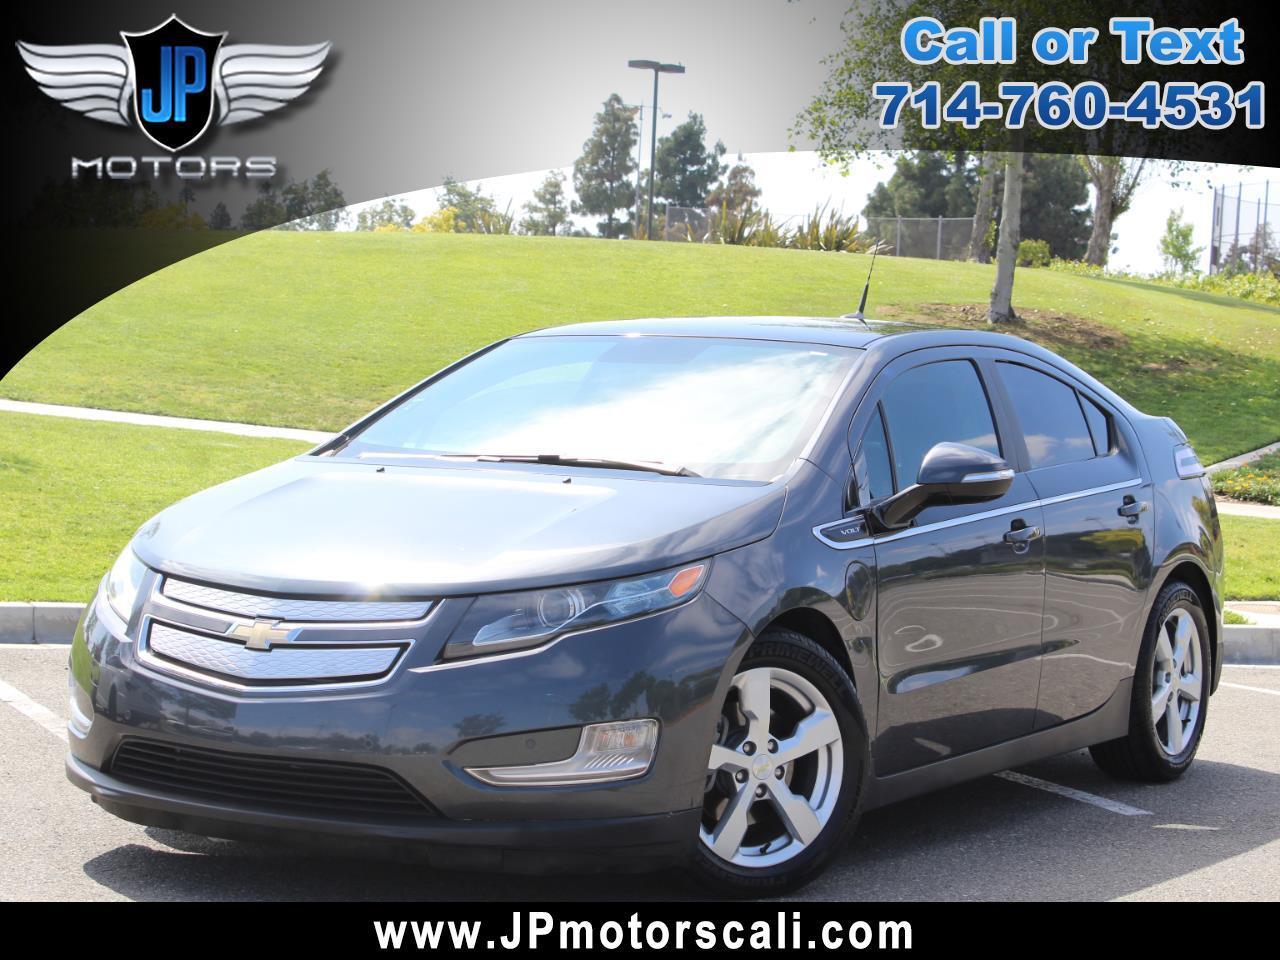 2012 Chevrolet Volt Premium